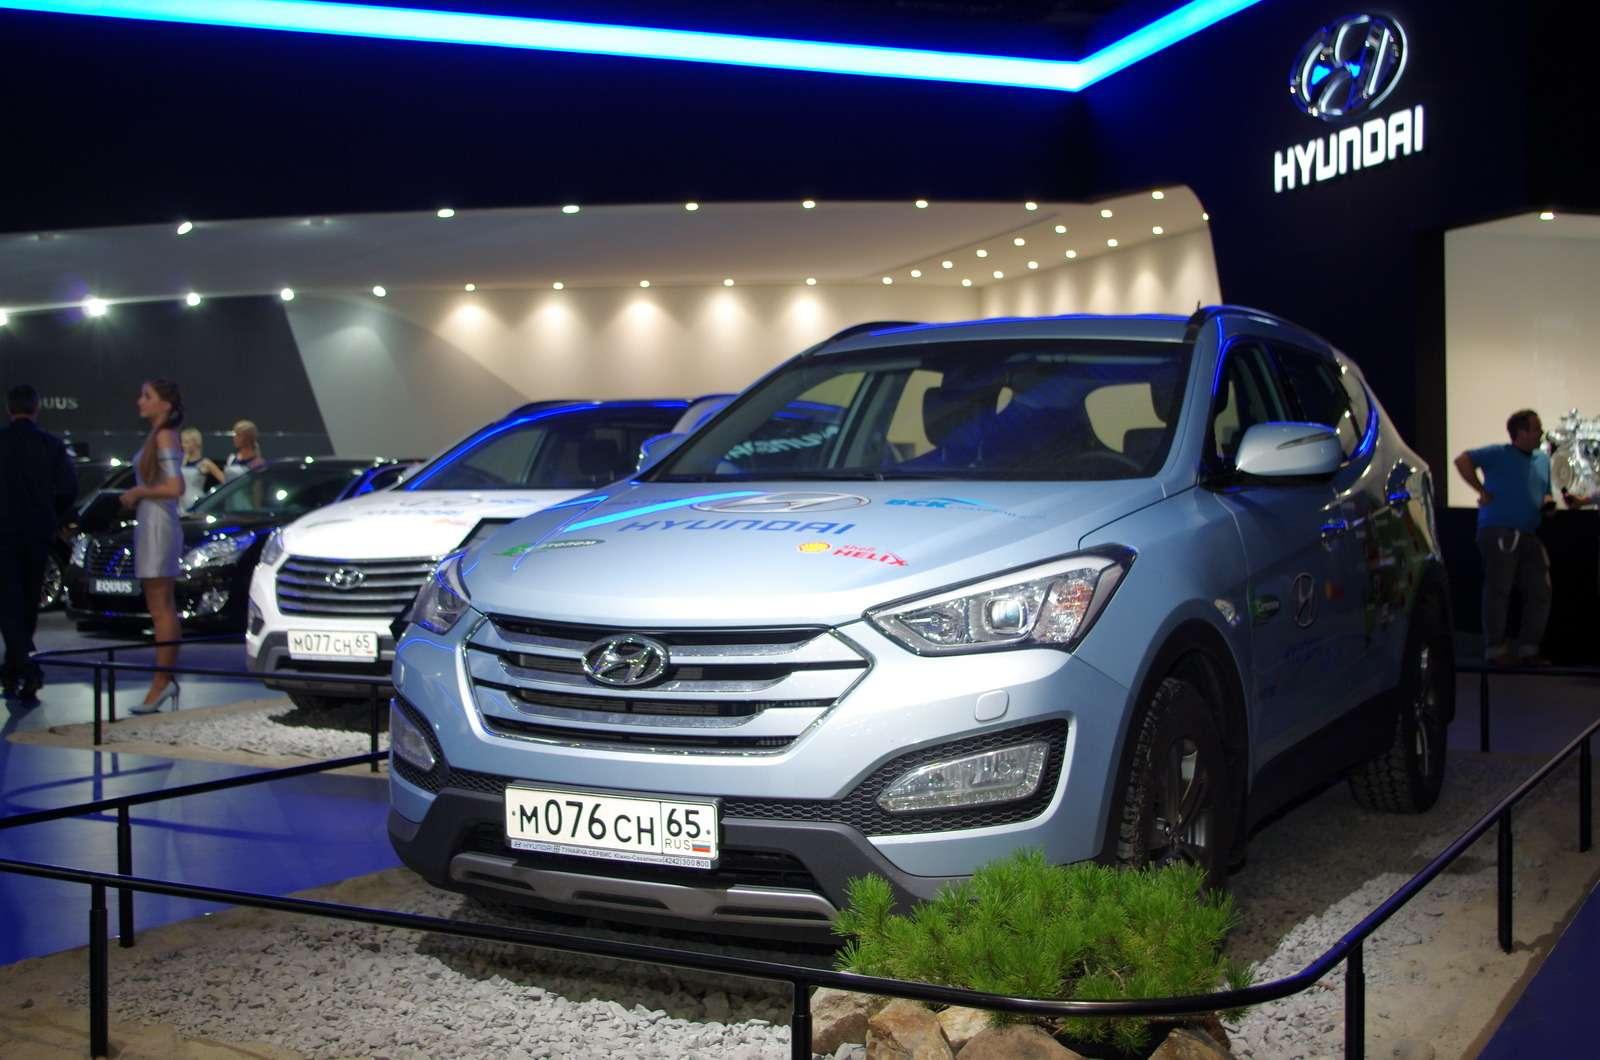 Hyundai06